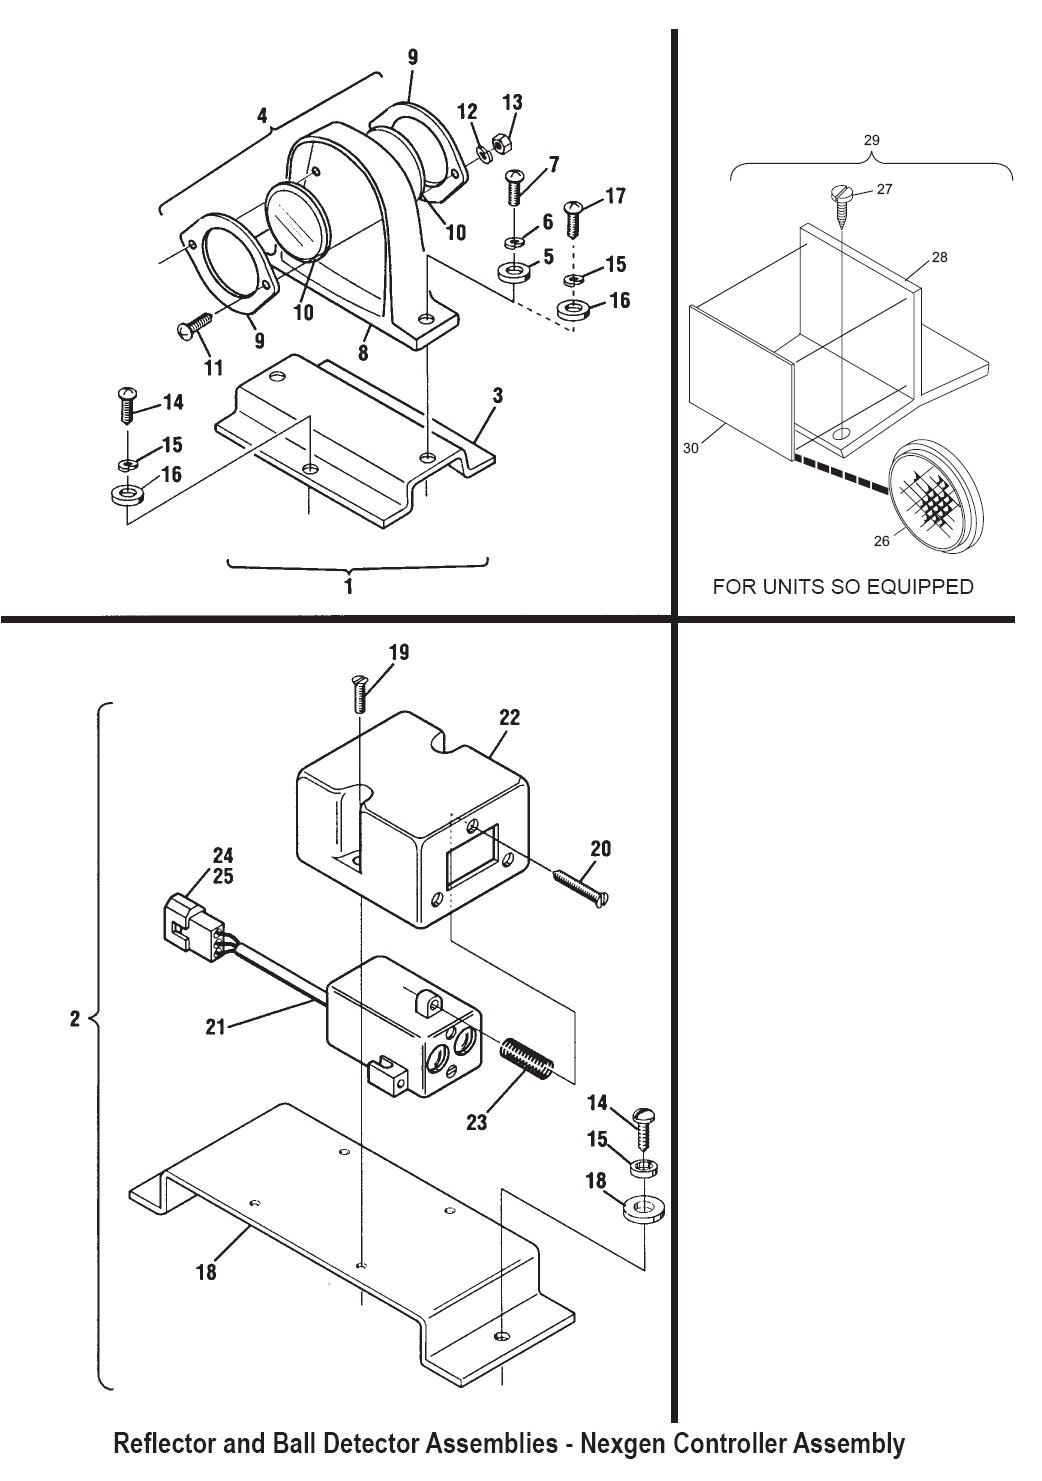 Reflector and Ball Detector Assemblies - Nexgen Controller Assembly